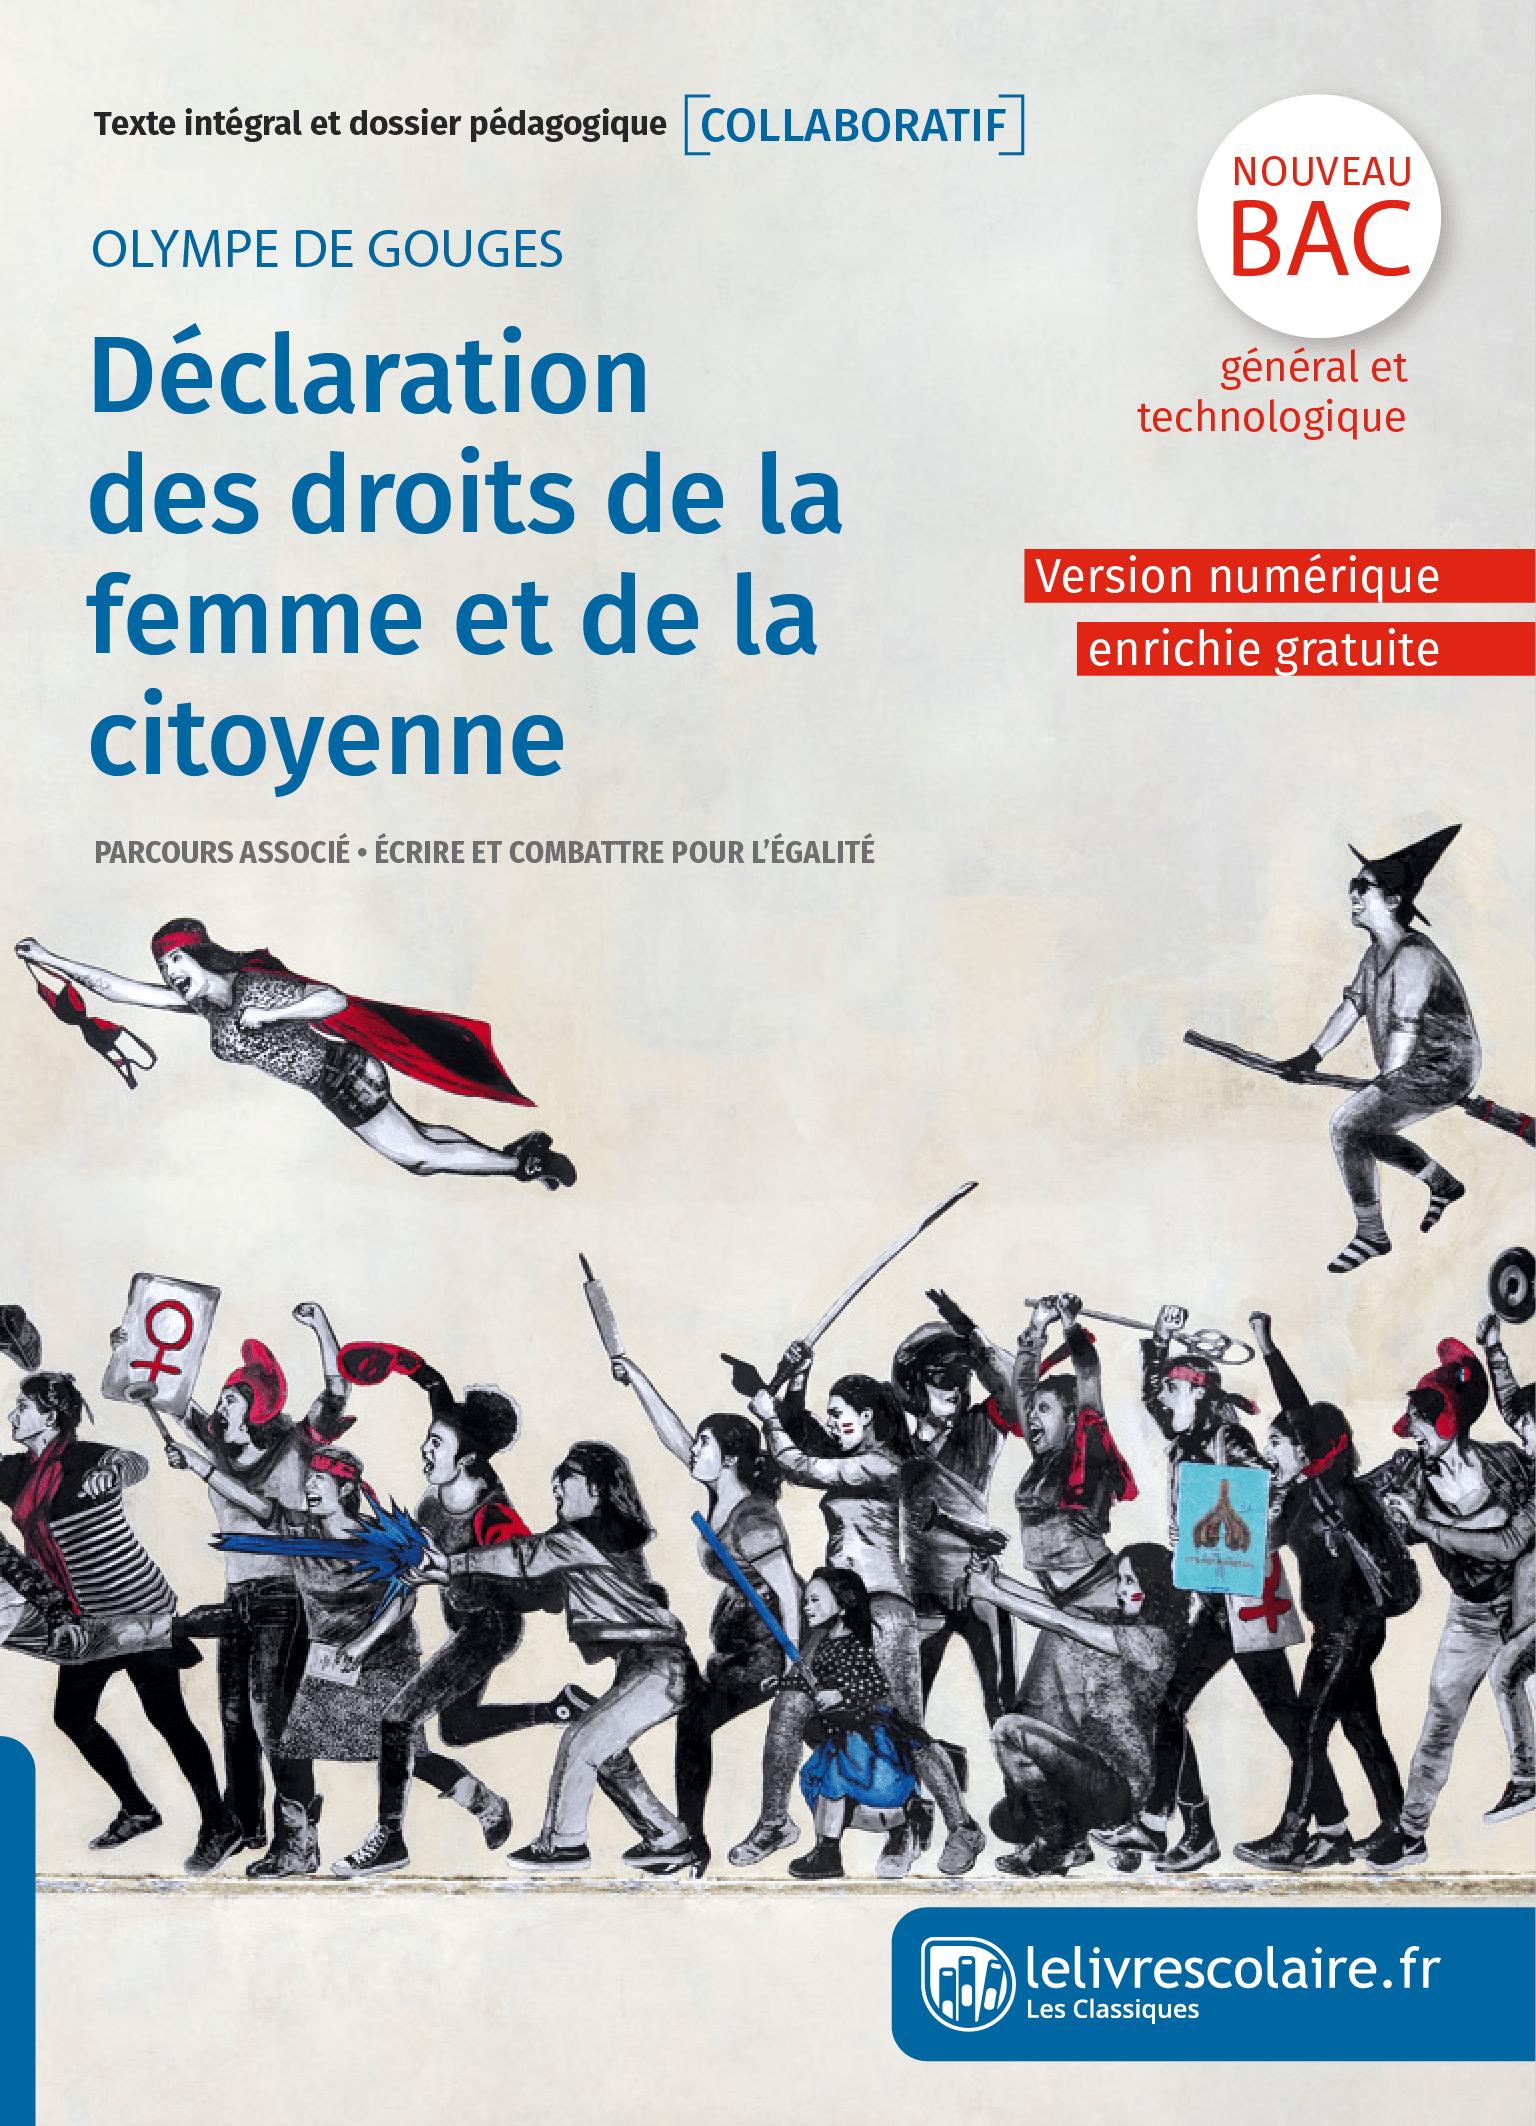 Couverture du manuel scolaire : Olympe de Gouges - Déclaration des droits de la femme et de la citoyenne